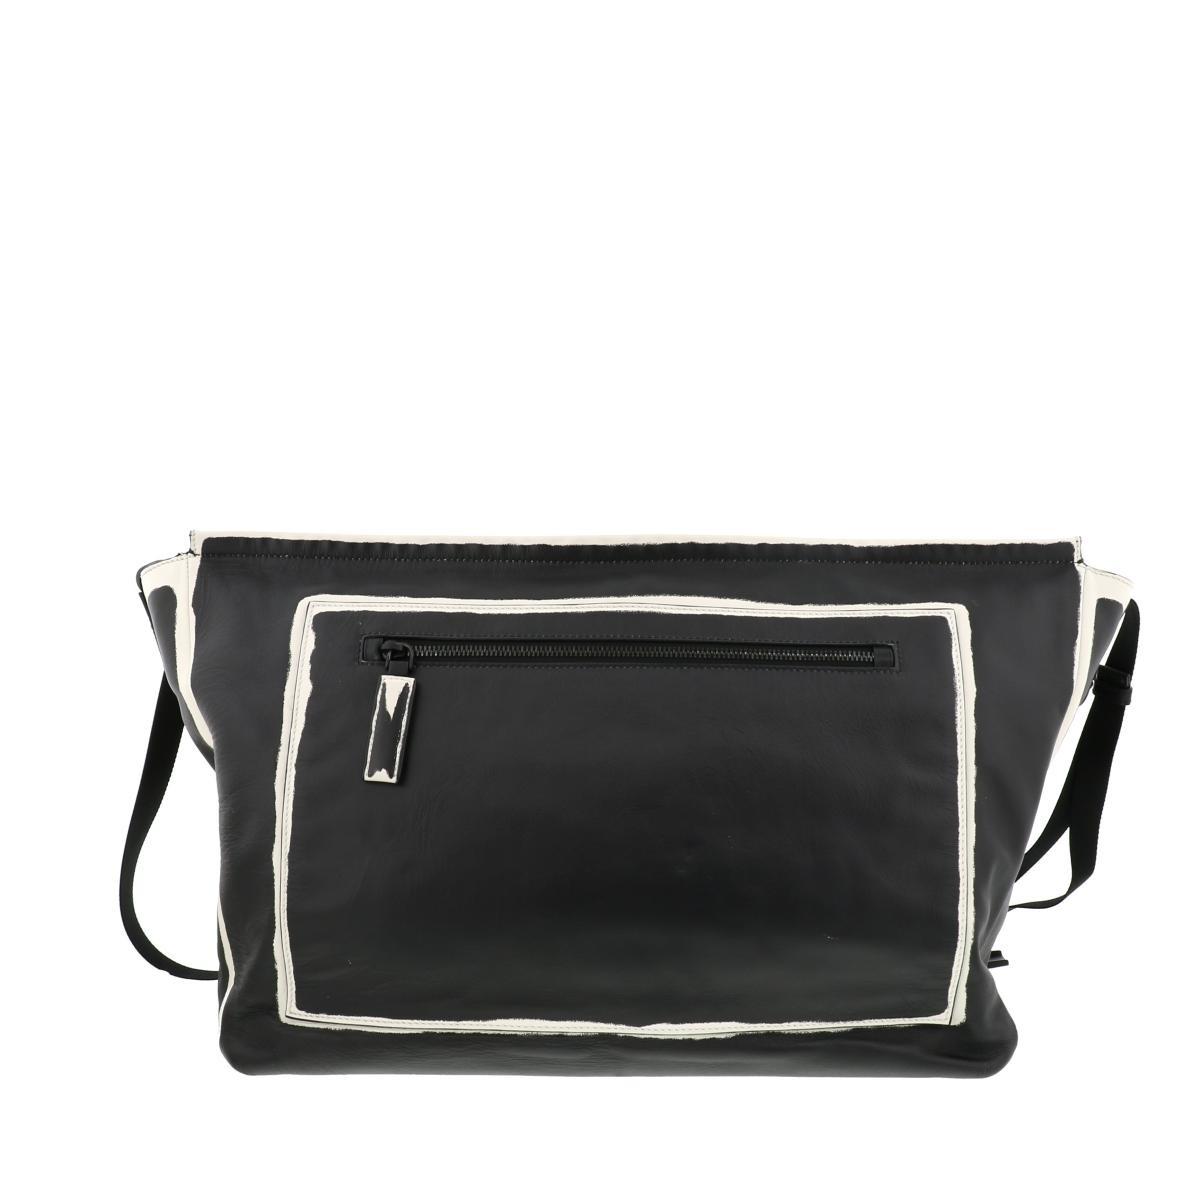 【最終値下げ】プラダ テクニカル ファブリック ショルダーバッグ PRADA Technical Fabric Shoulder Bag Black 2VD013